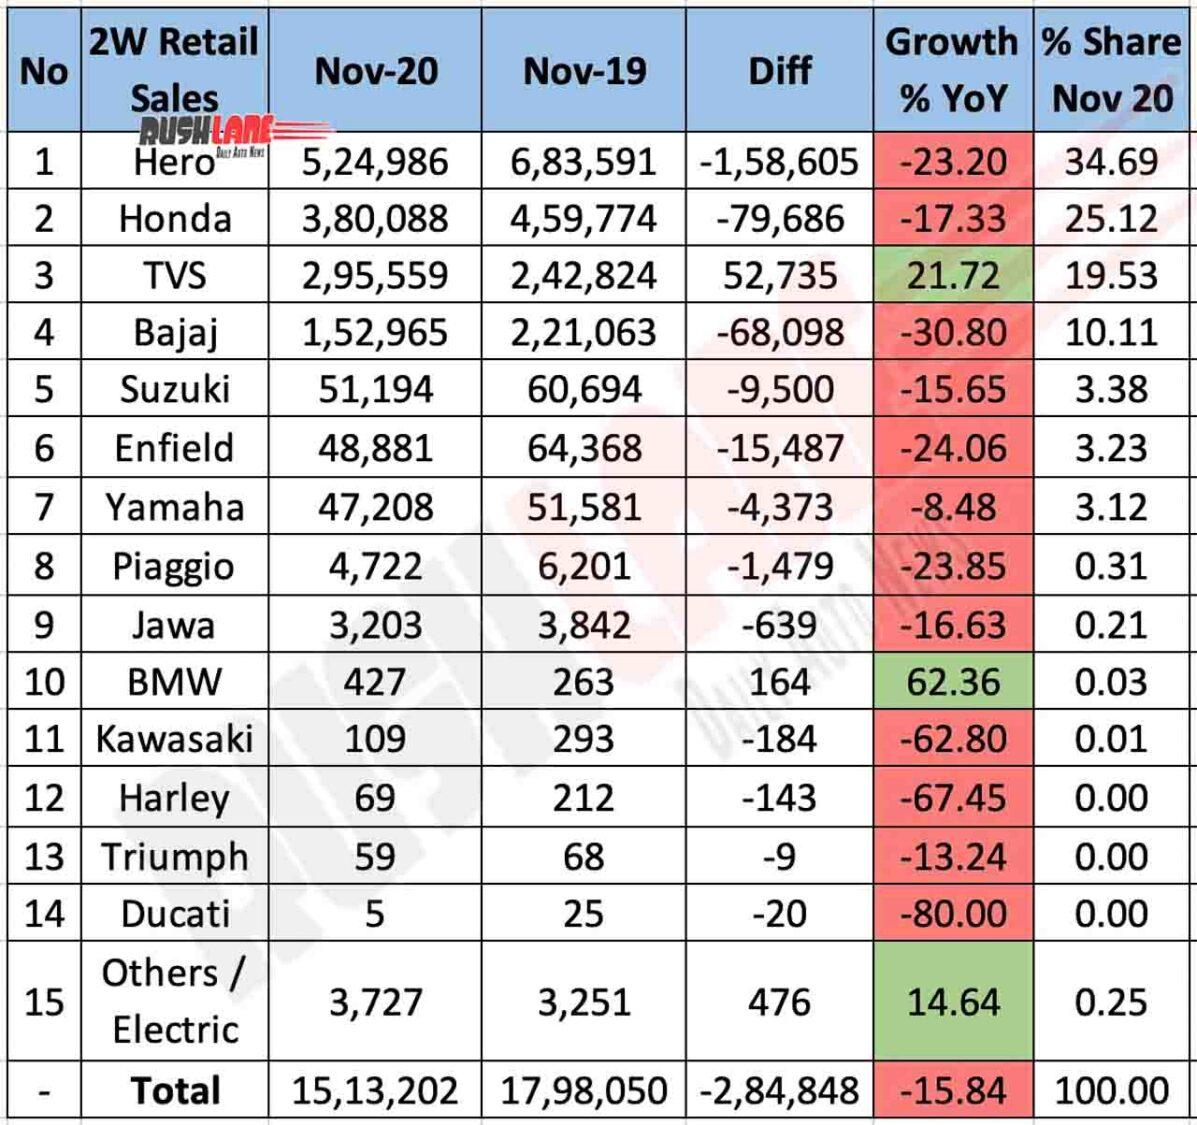 Two Wheeler Retail Sales Nov 2020